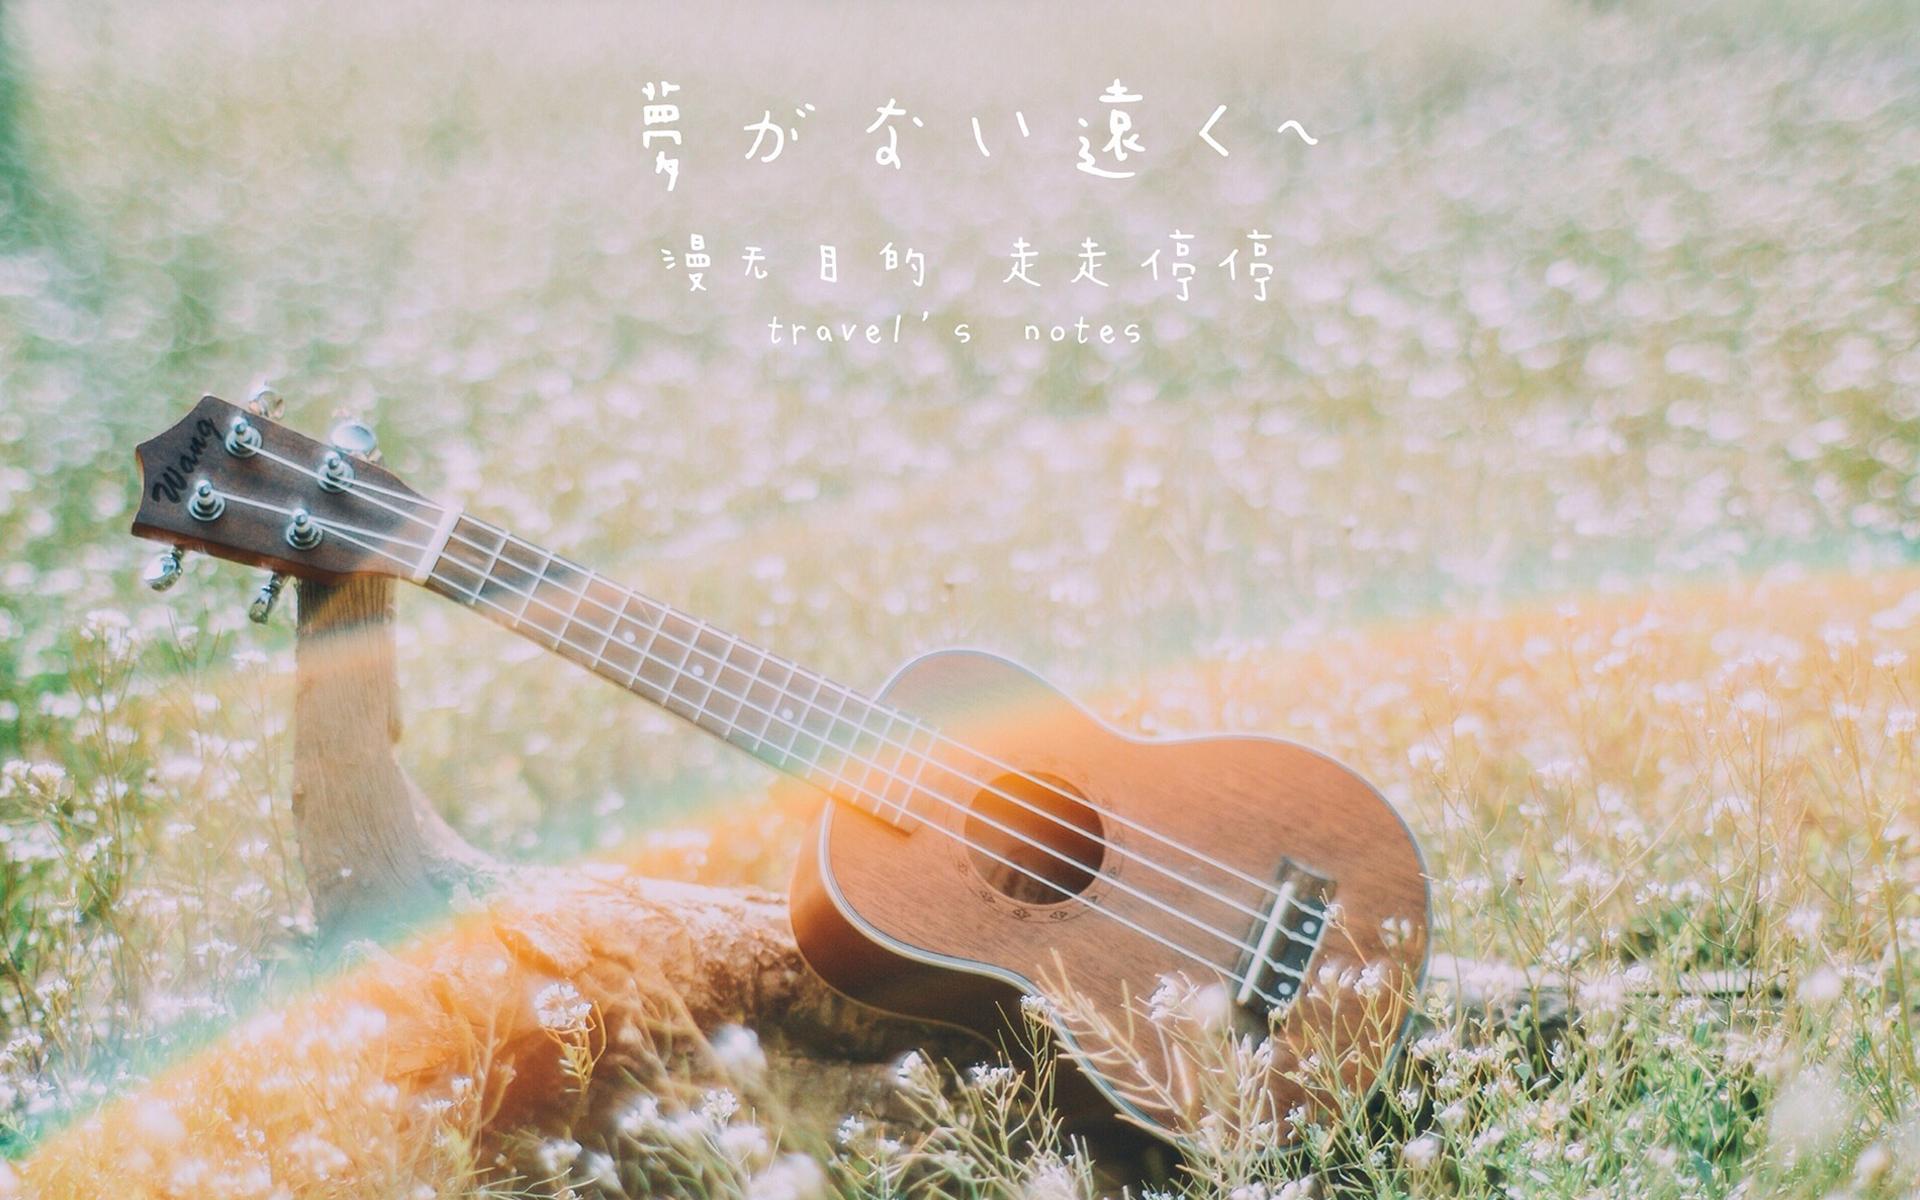 文艺小清新吉他ppt背景图片下载_幻灯片模板免费下载